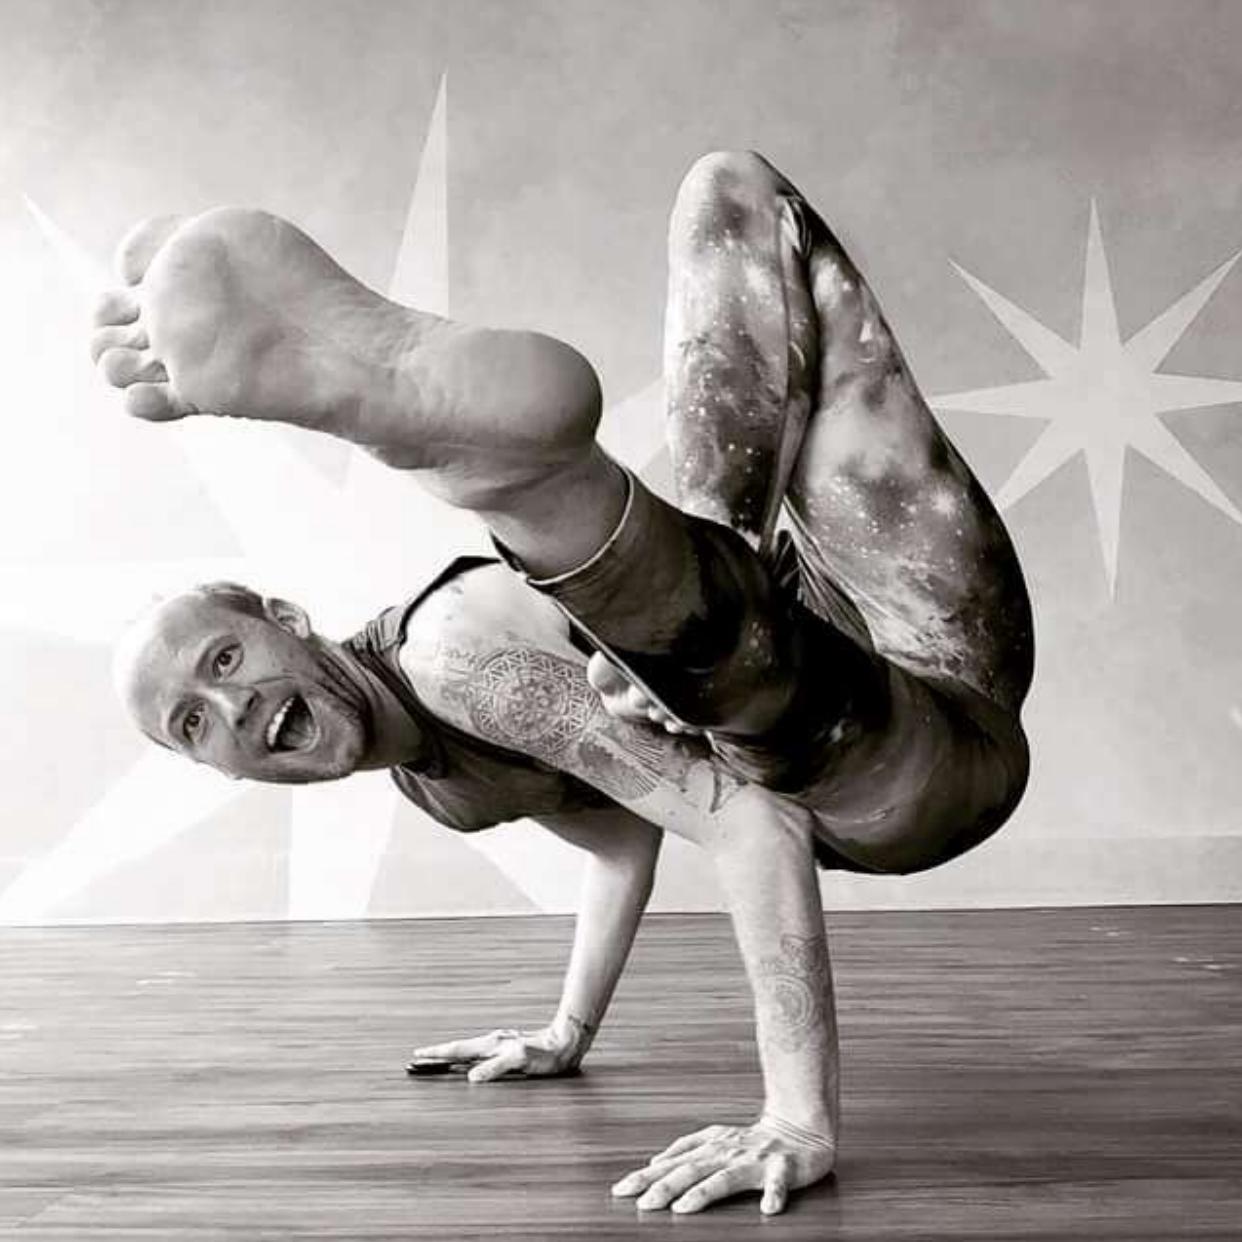 daniel mccall yoga one